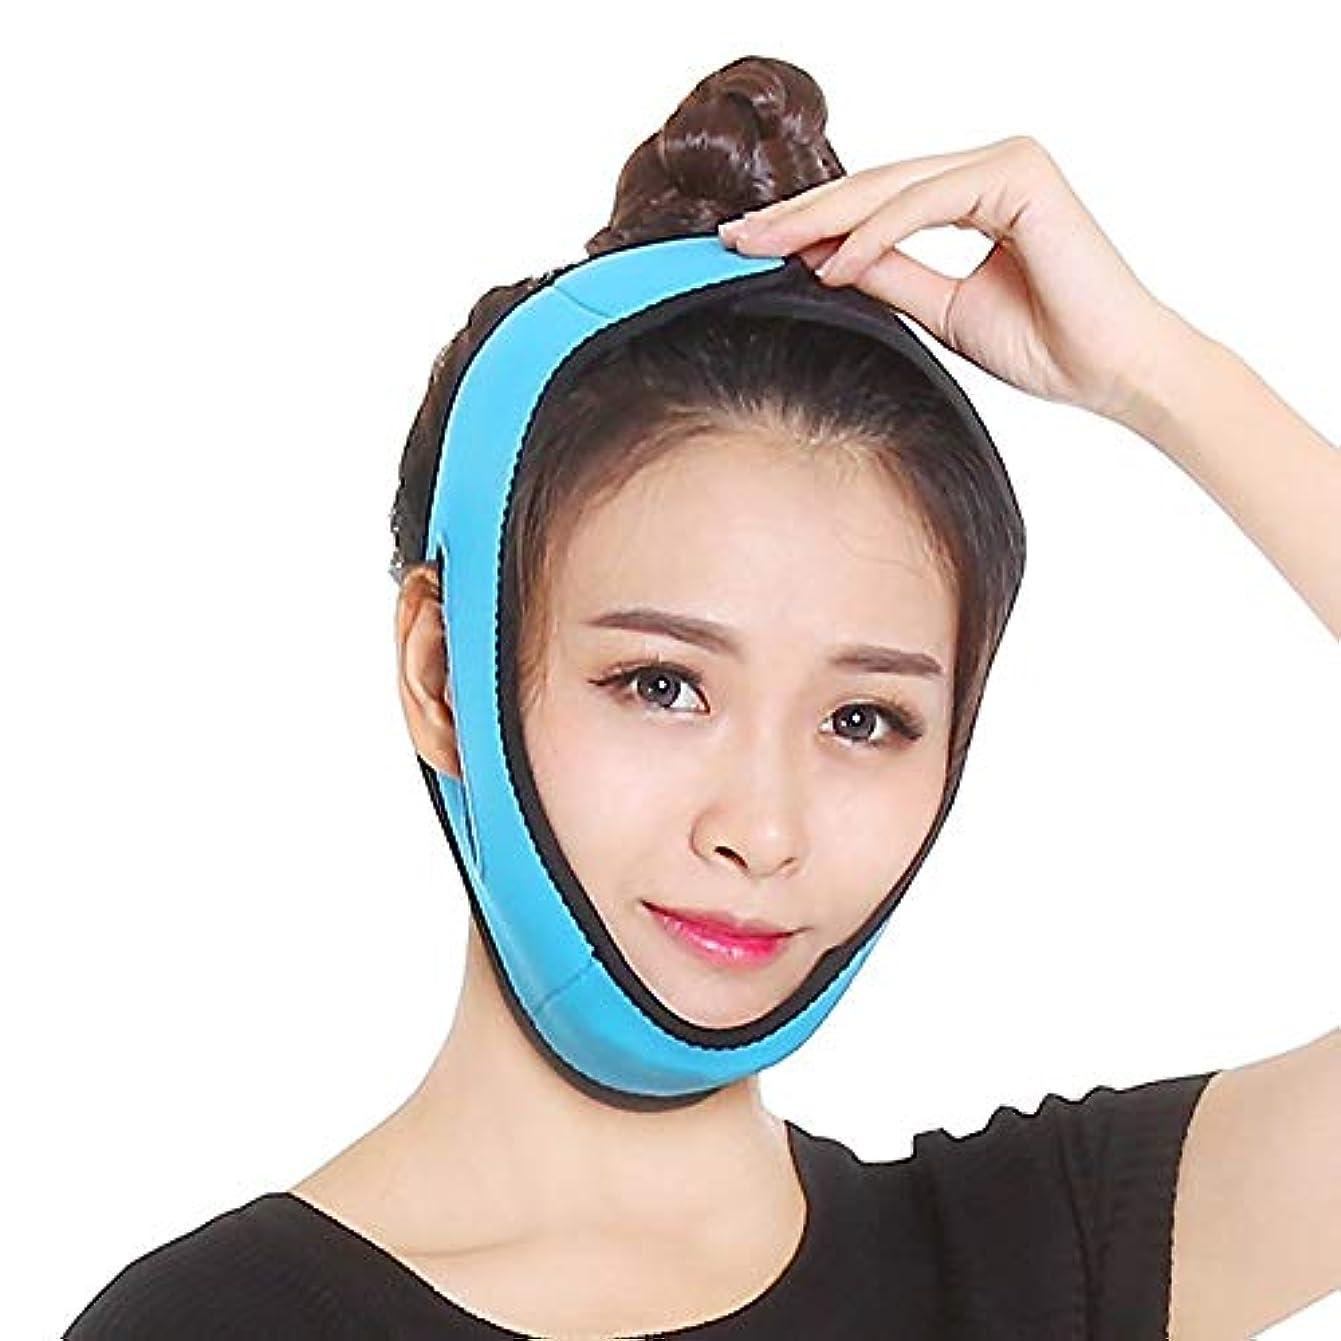 不忠マオリ捧げるJia Jia- フェイシャルリフティングスリミングベルト - 薄いフェイス包帯二重あごデバイス無料フェイシャルマッサージ整形マスクを引き締める顔と首の顔スリム 顔面包帯